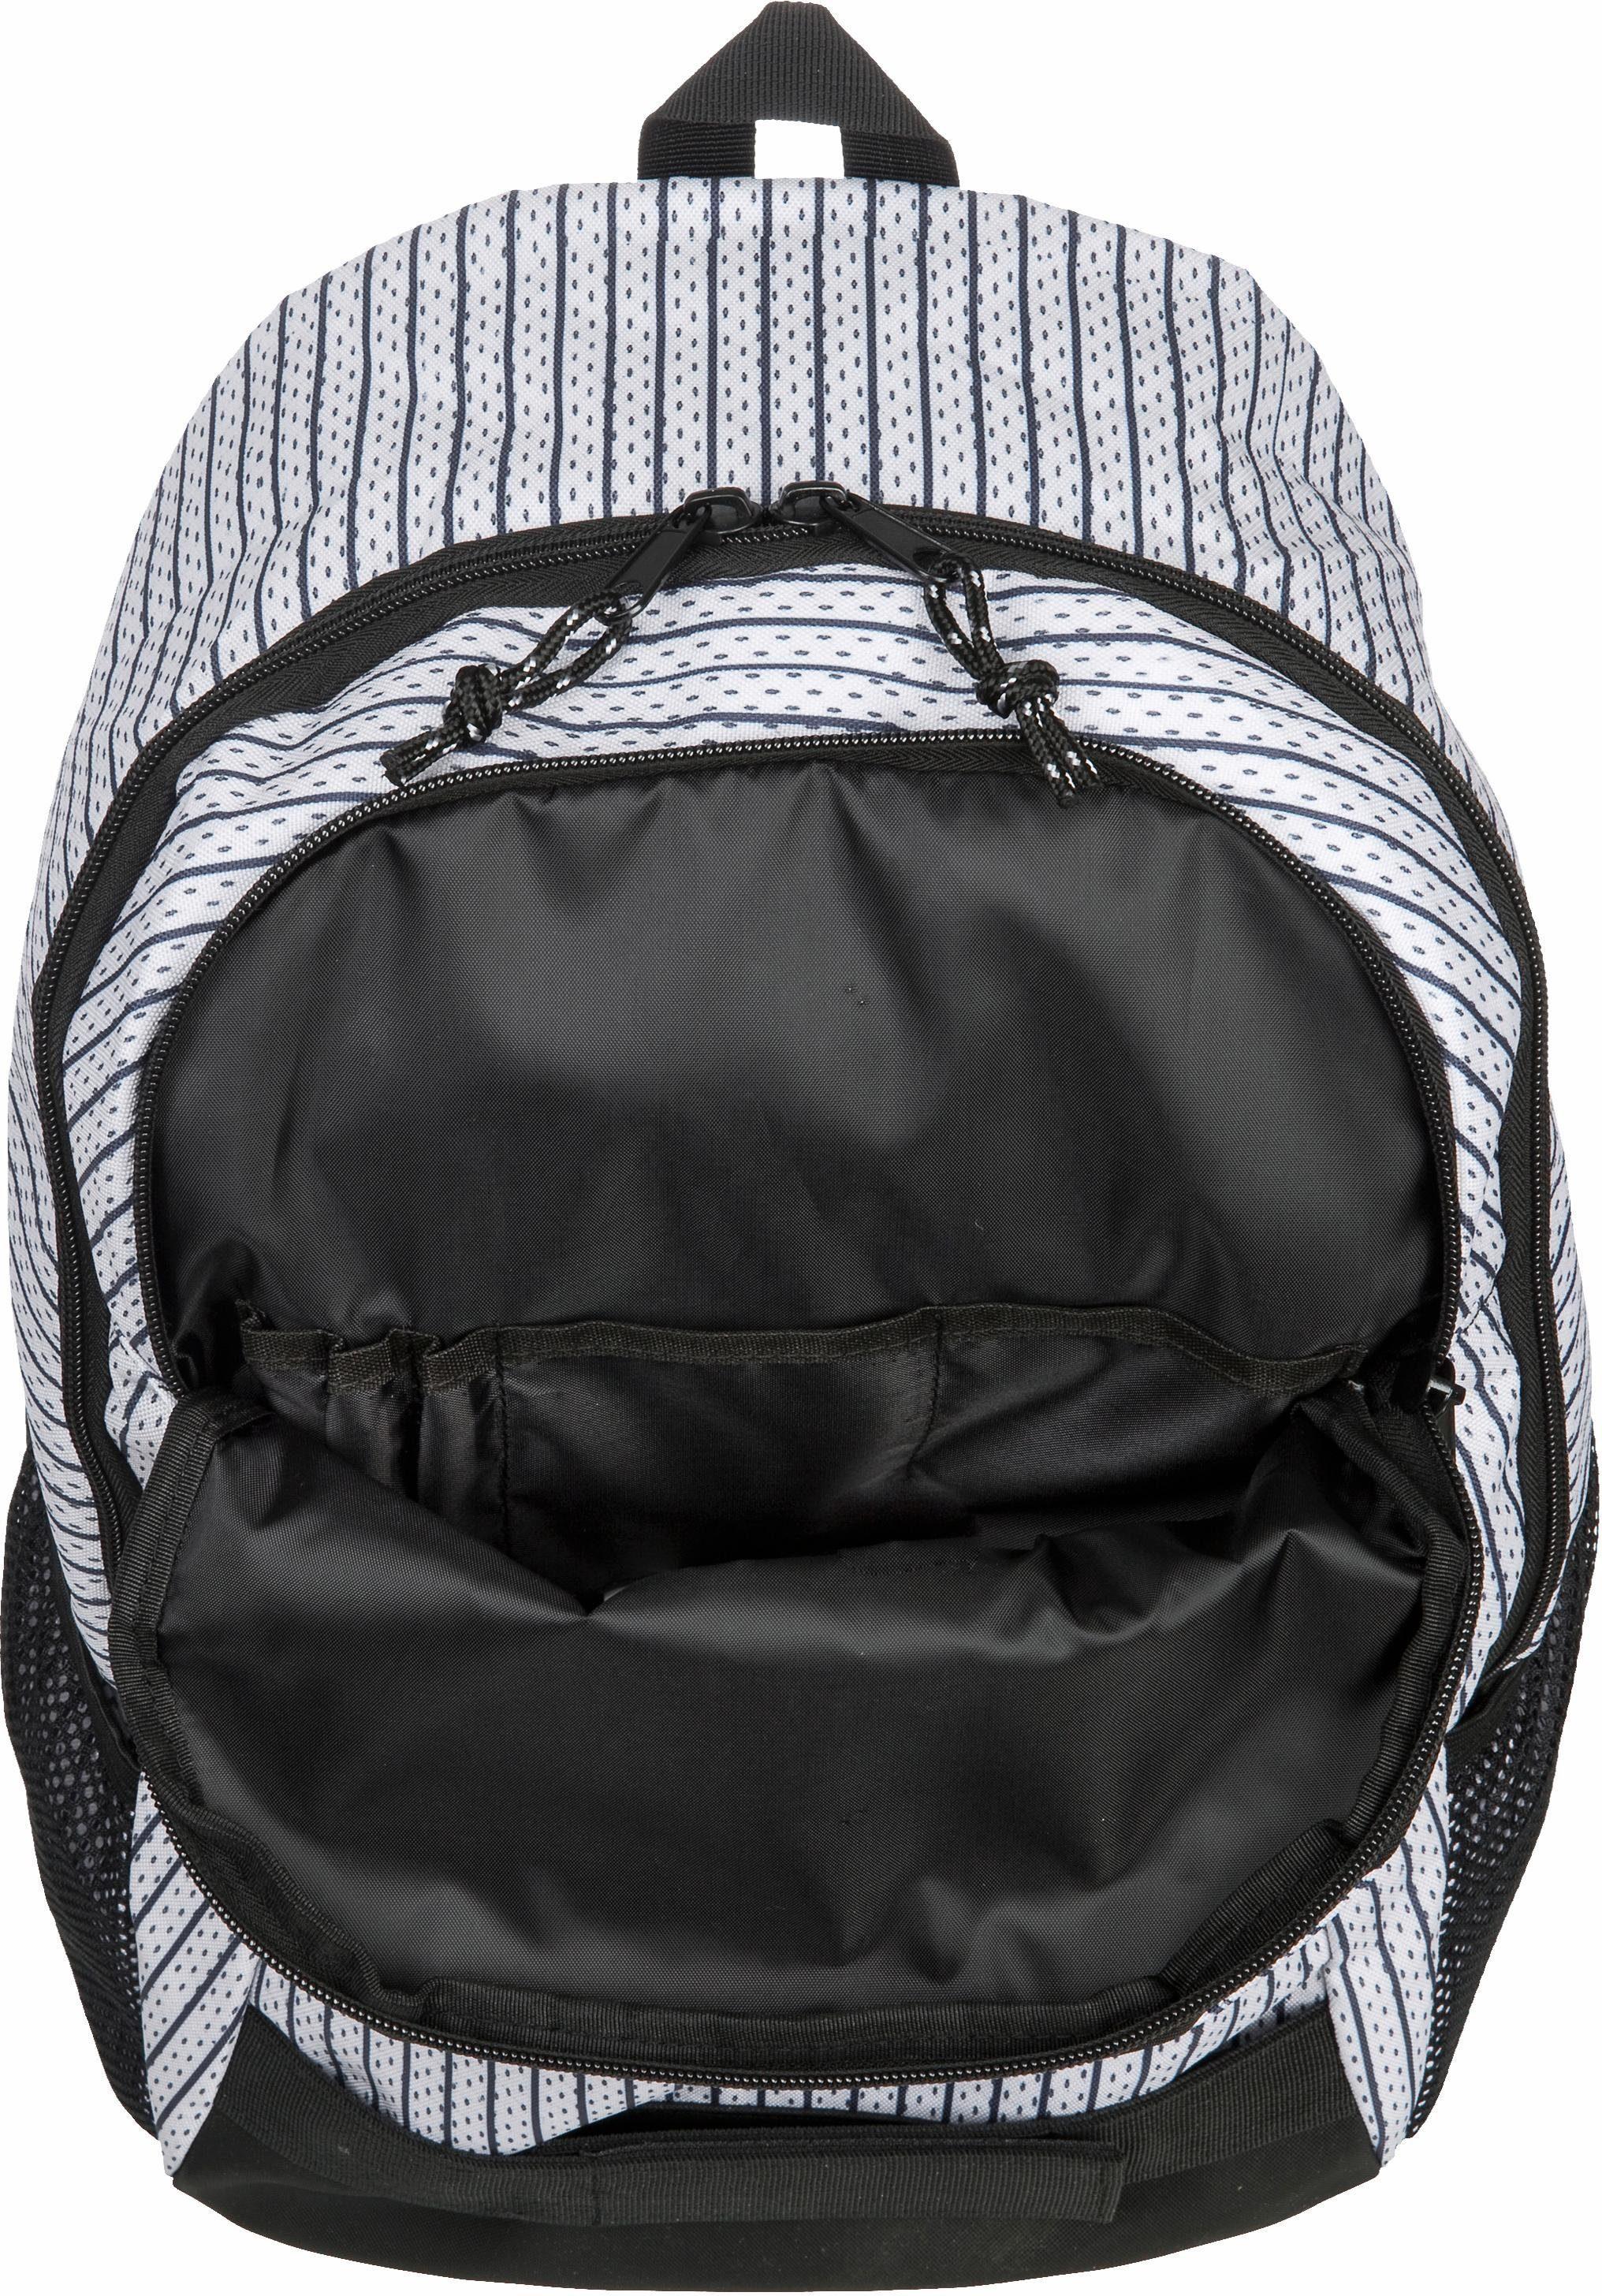 Met New Vak Bij Tablet»unkeeper Backpack« Undercover Voor Rugzak BaseballAdventure Je Vind York 80nOkPw